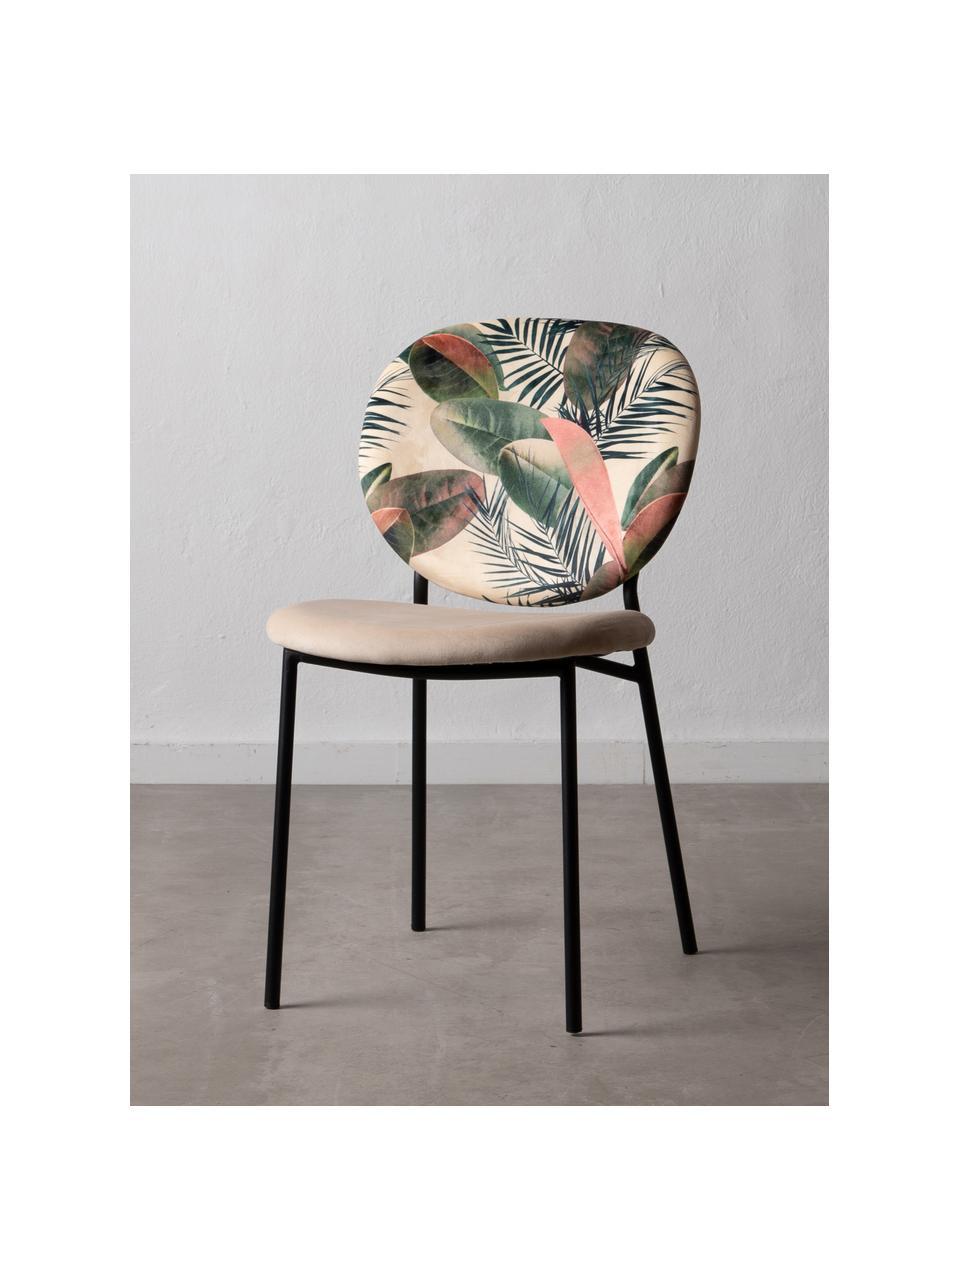 Krzesło tapicerowane Hojas, Tapicerka: 100% poliester, Stelaż: drewno naturalne, Nogi: metal, Odcienie kremowego, wielobarwny, S 50 x G 47 cm